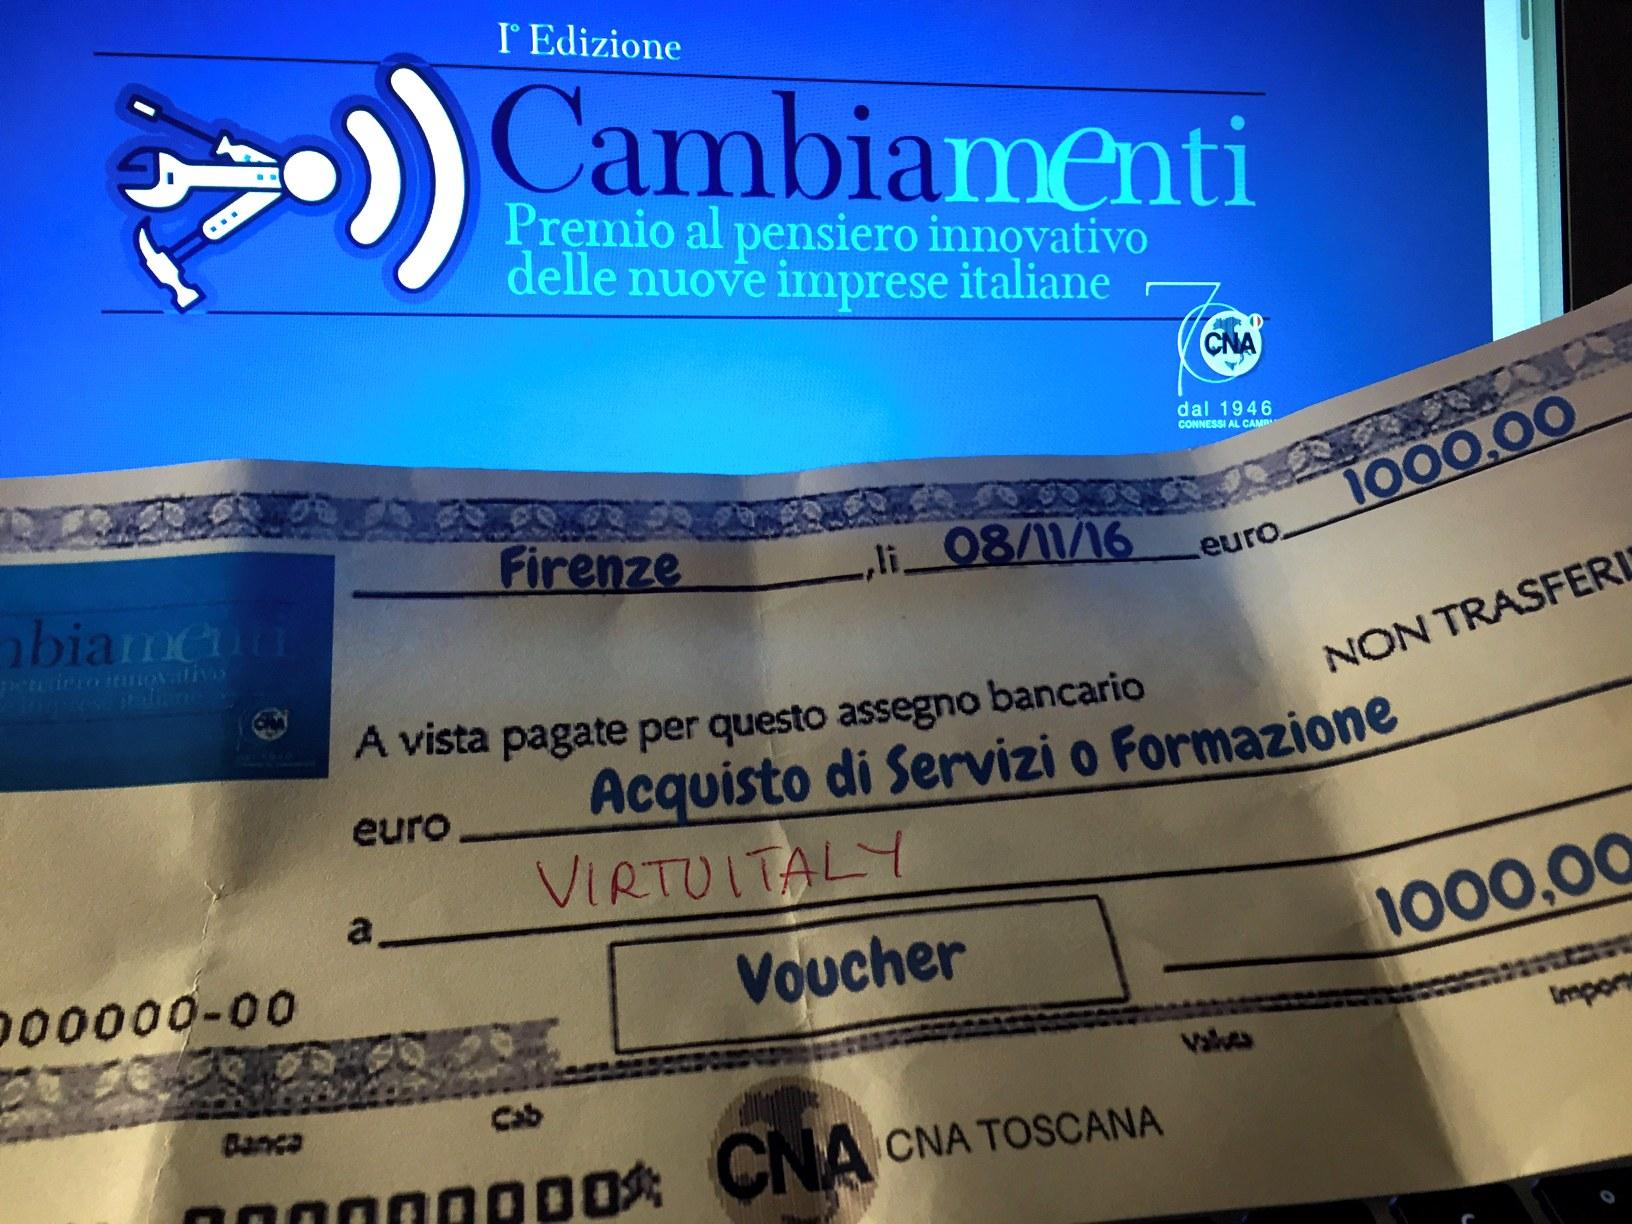 premio CNA cambiamenti Toscana